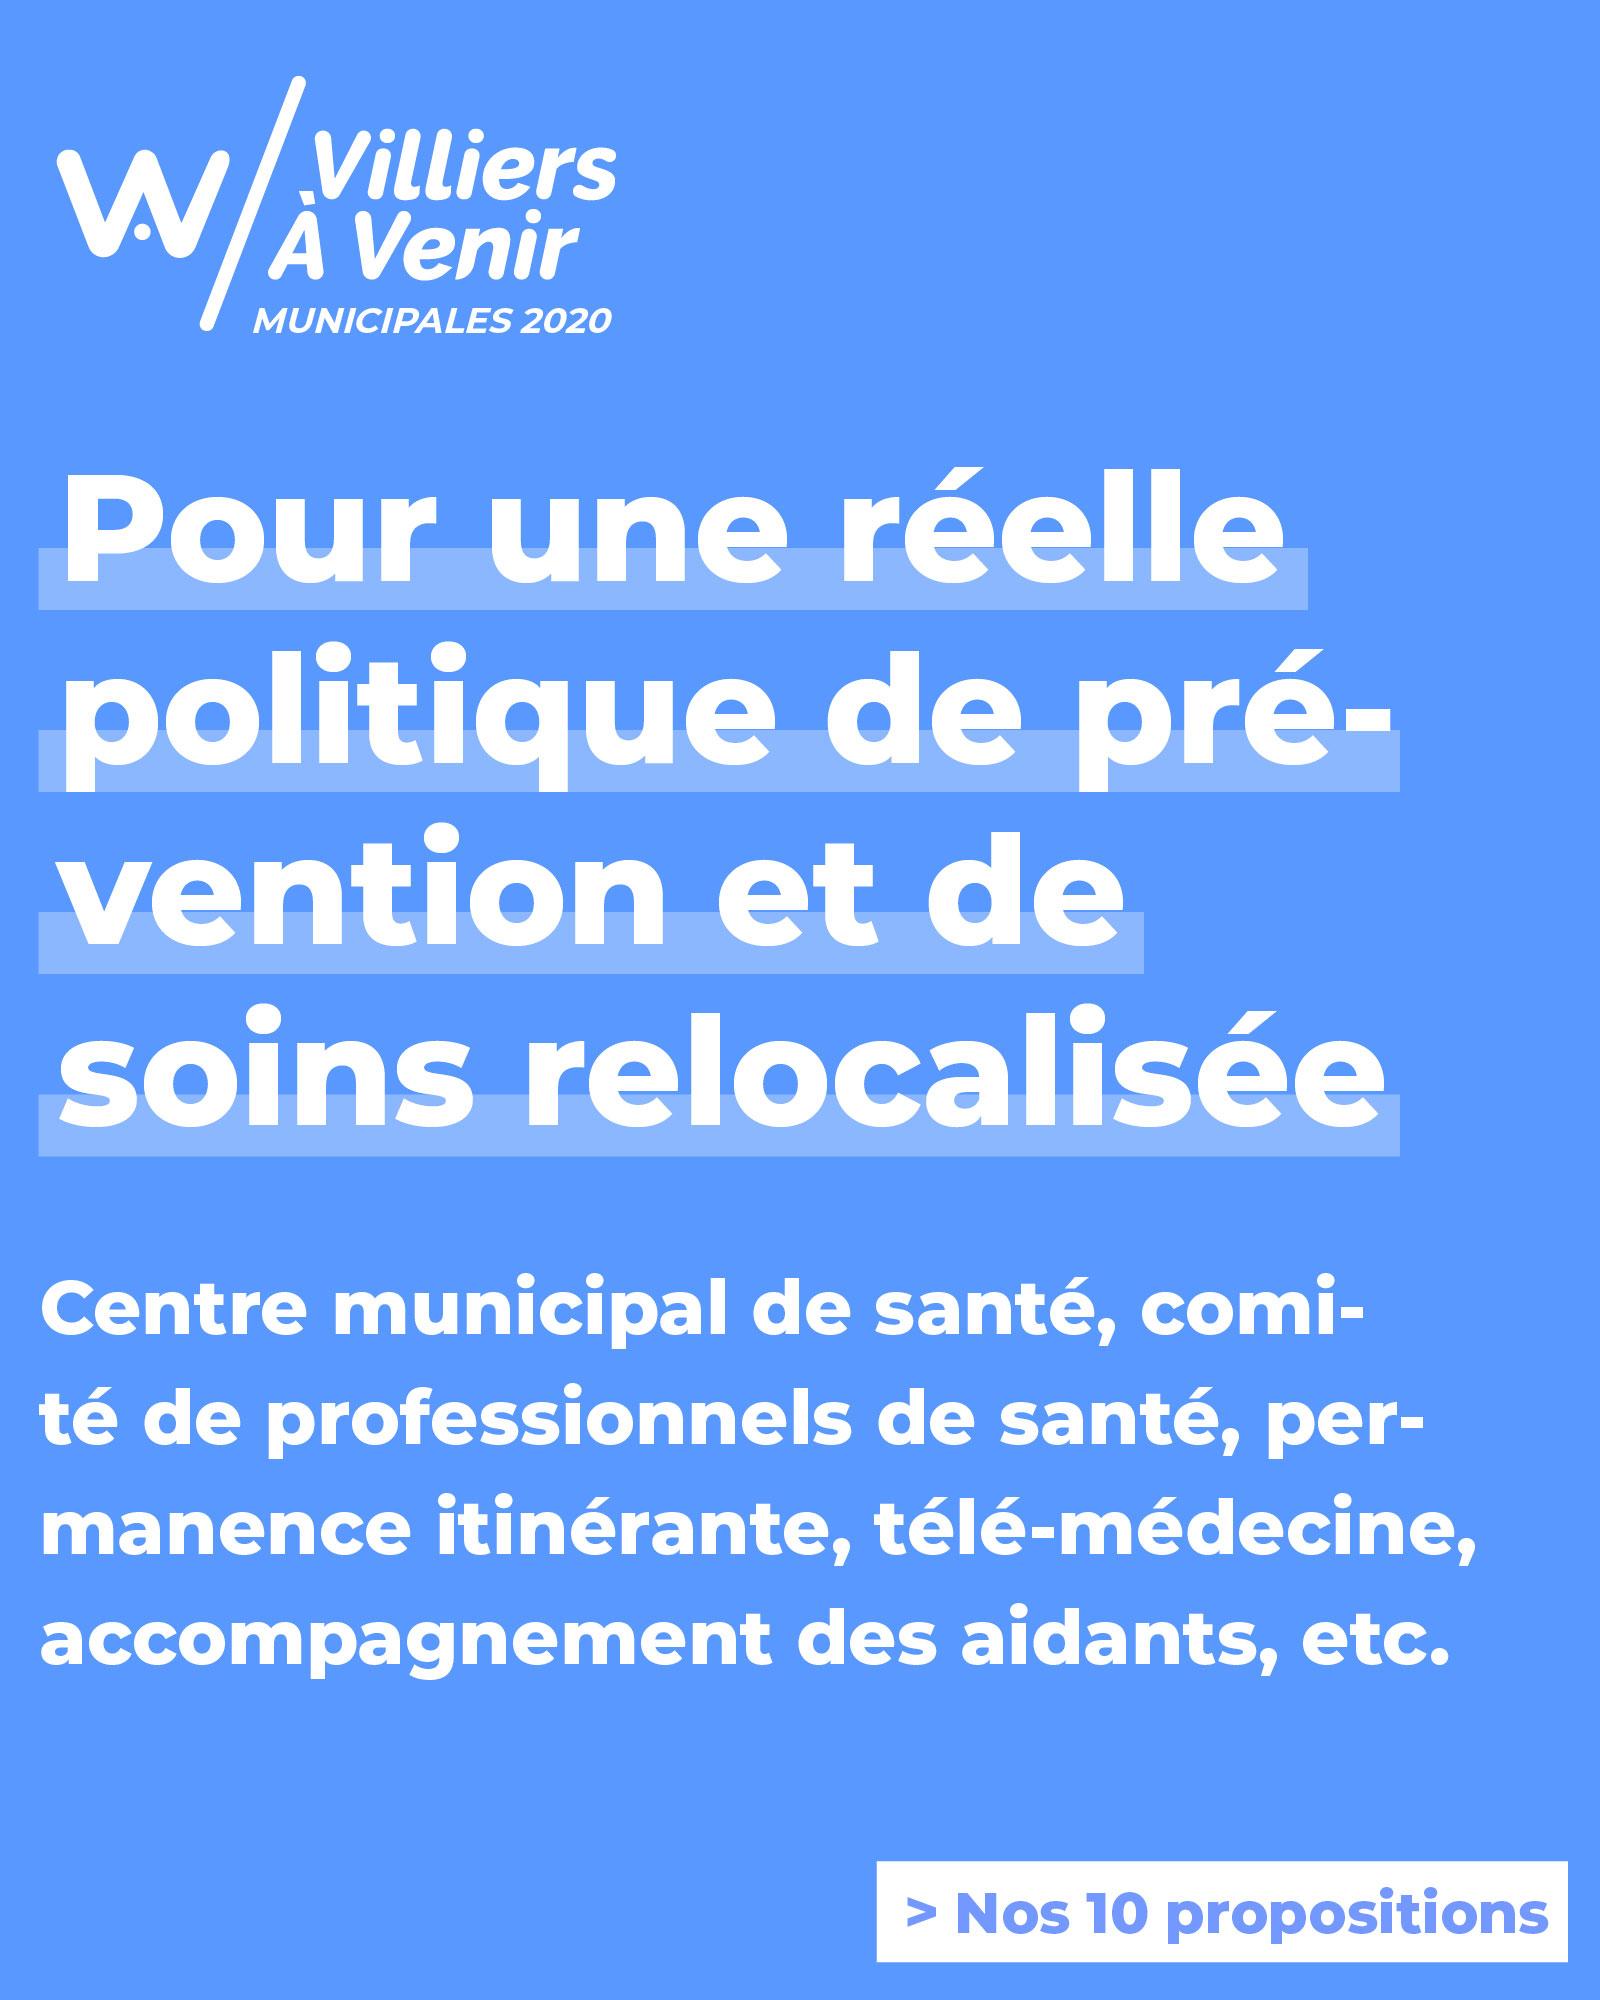 http://vav94.fr/wp-content/uploads/2020/03/SANTE-PUBLIQUE-VILLIERS-A-VENIR-MUNICIPALES-2020-VILLIERS-SUR-MARNE-2.jpg